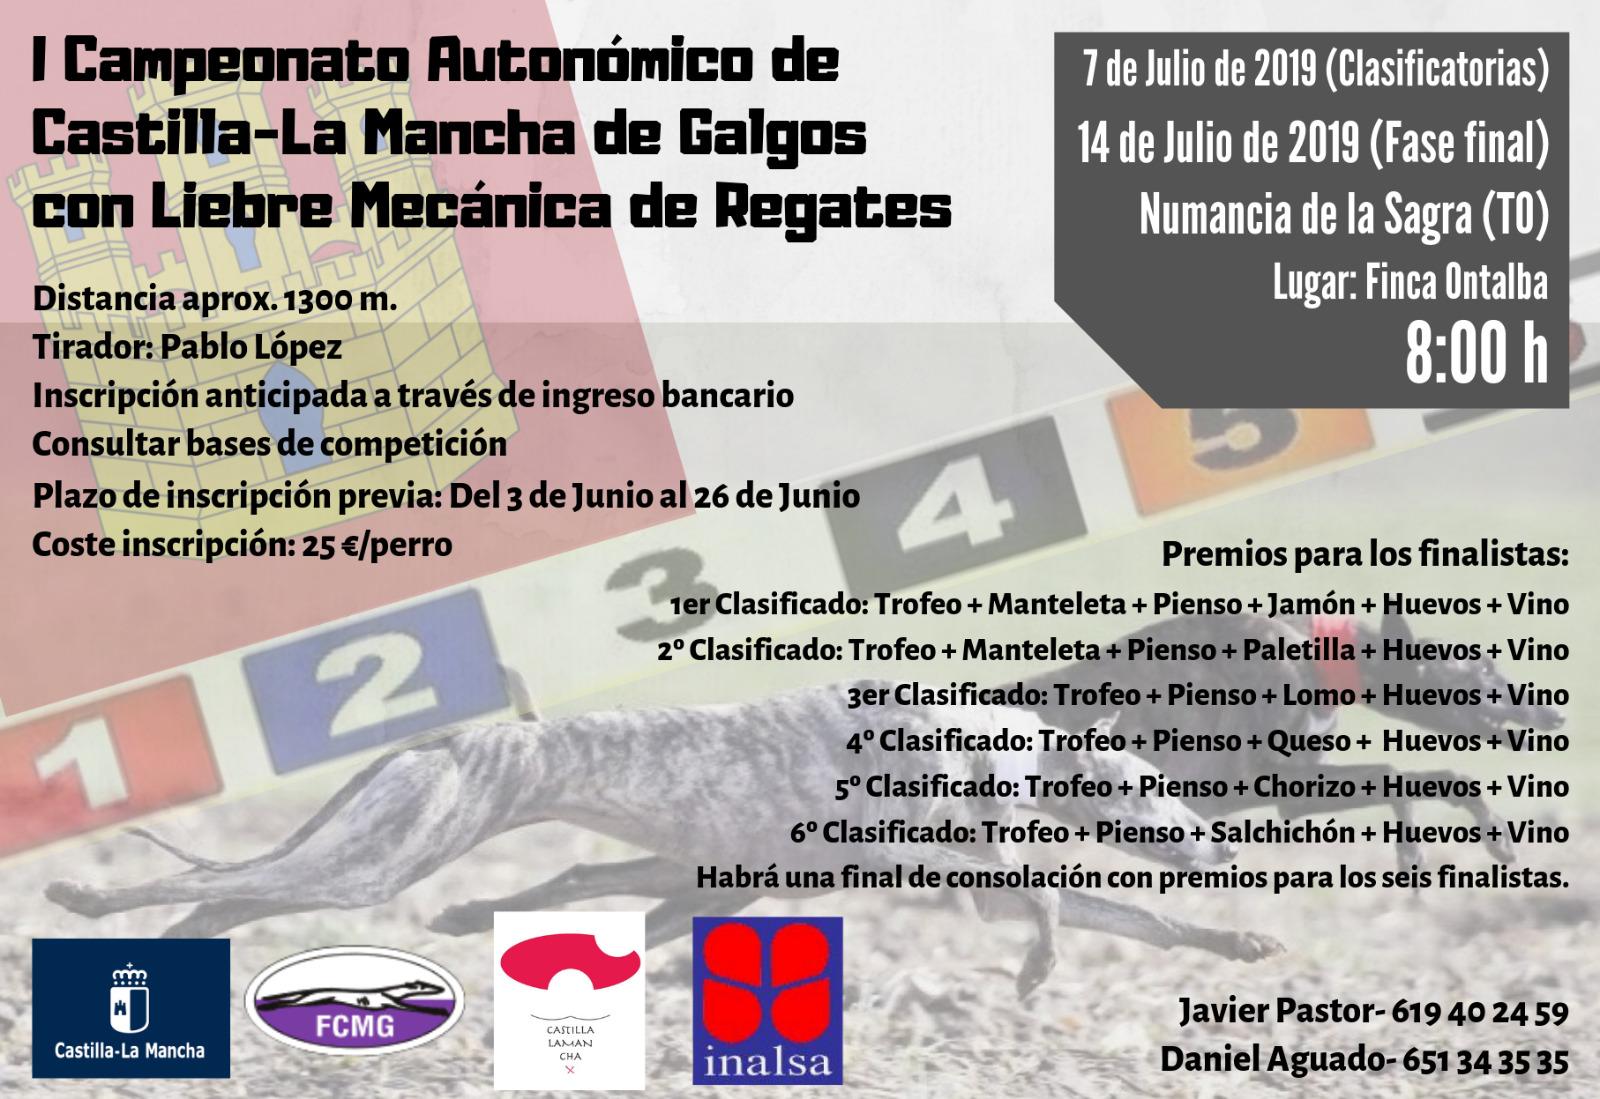 I Campeonato de Castilla-La Mancha de Galgos con Liebre Mecánica de Regates